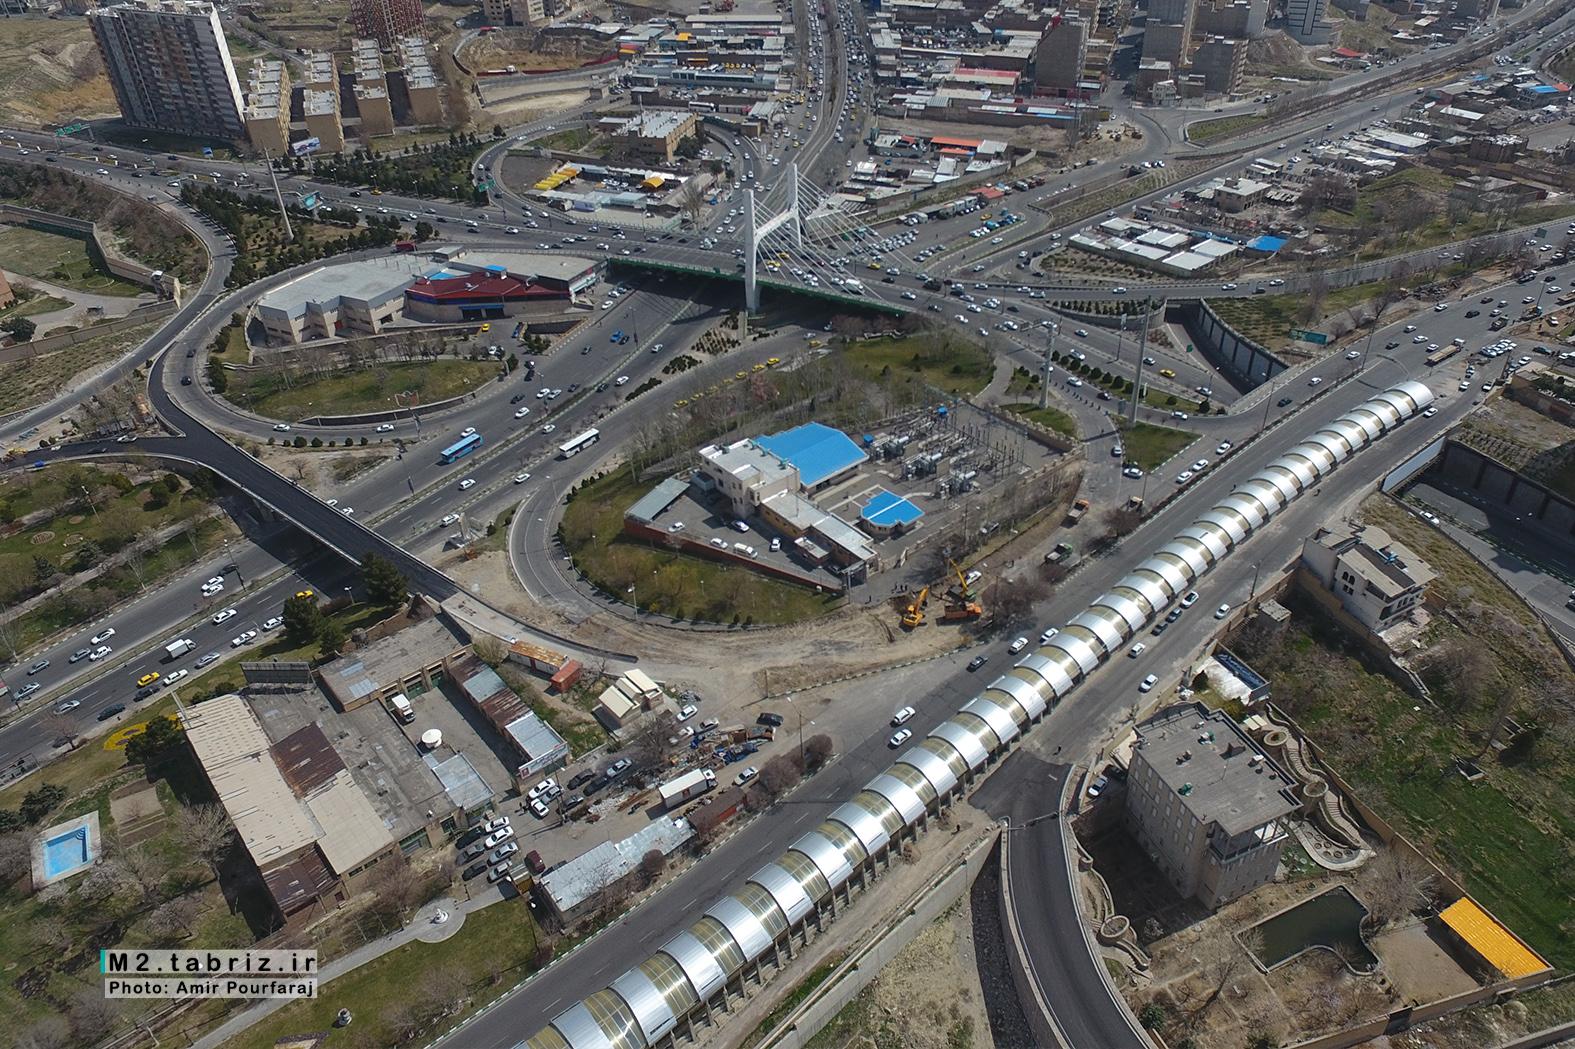 پل همسان کابلی تبریز بزودی به بهره برداری می رسد